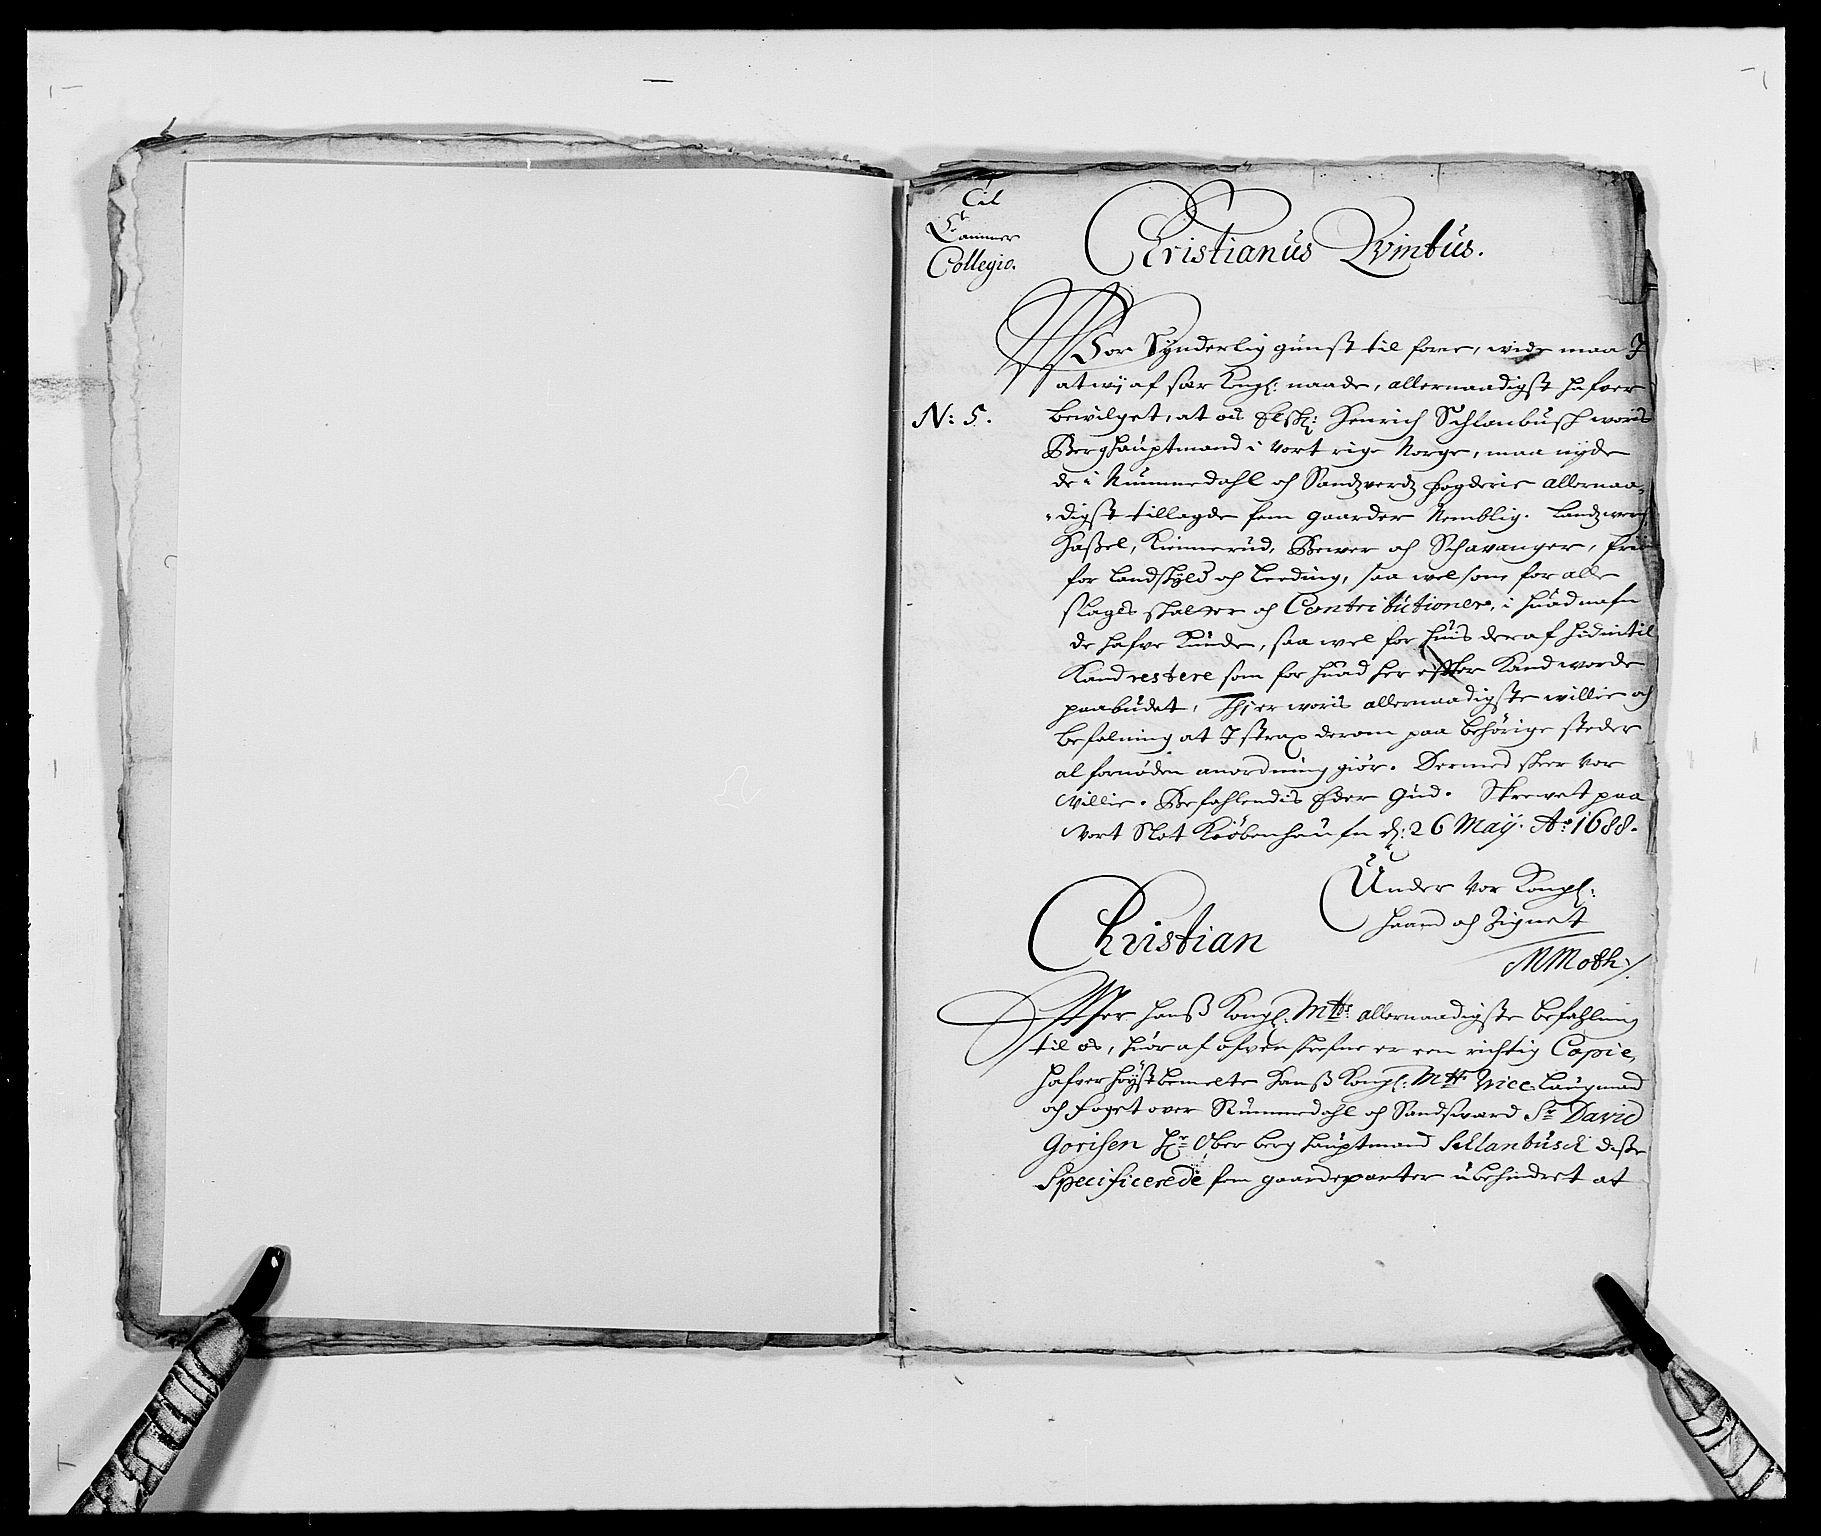 RA, Rentekammeret inntil 1814, Reviderte regnskaper, Fogderegnskap, R24/L1574: Fogderegnskap Numedal og Sandsvær, 1688-1691, s. 16